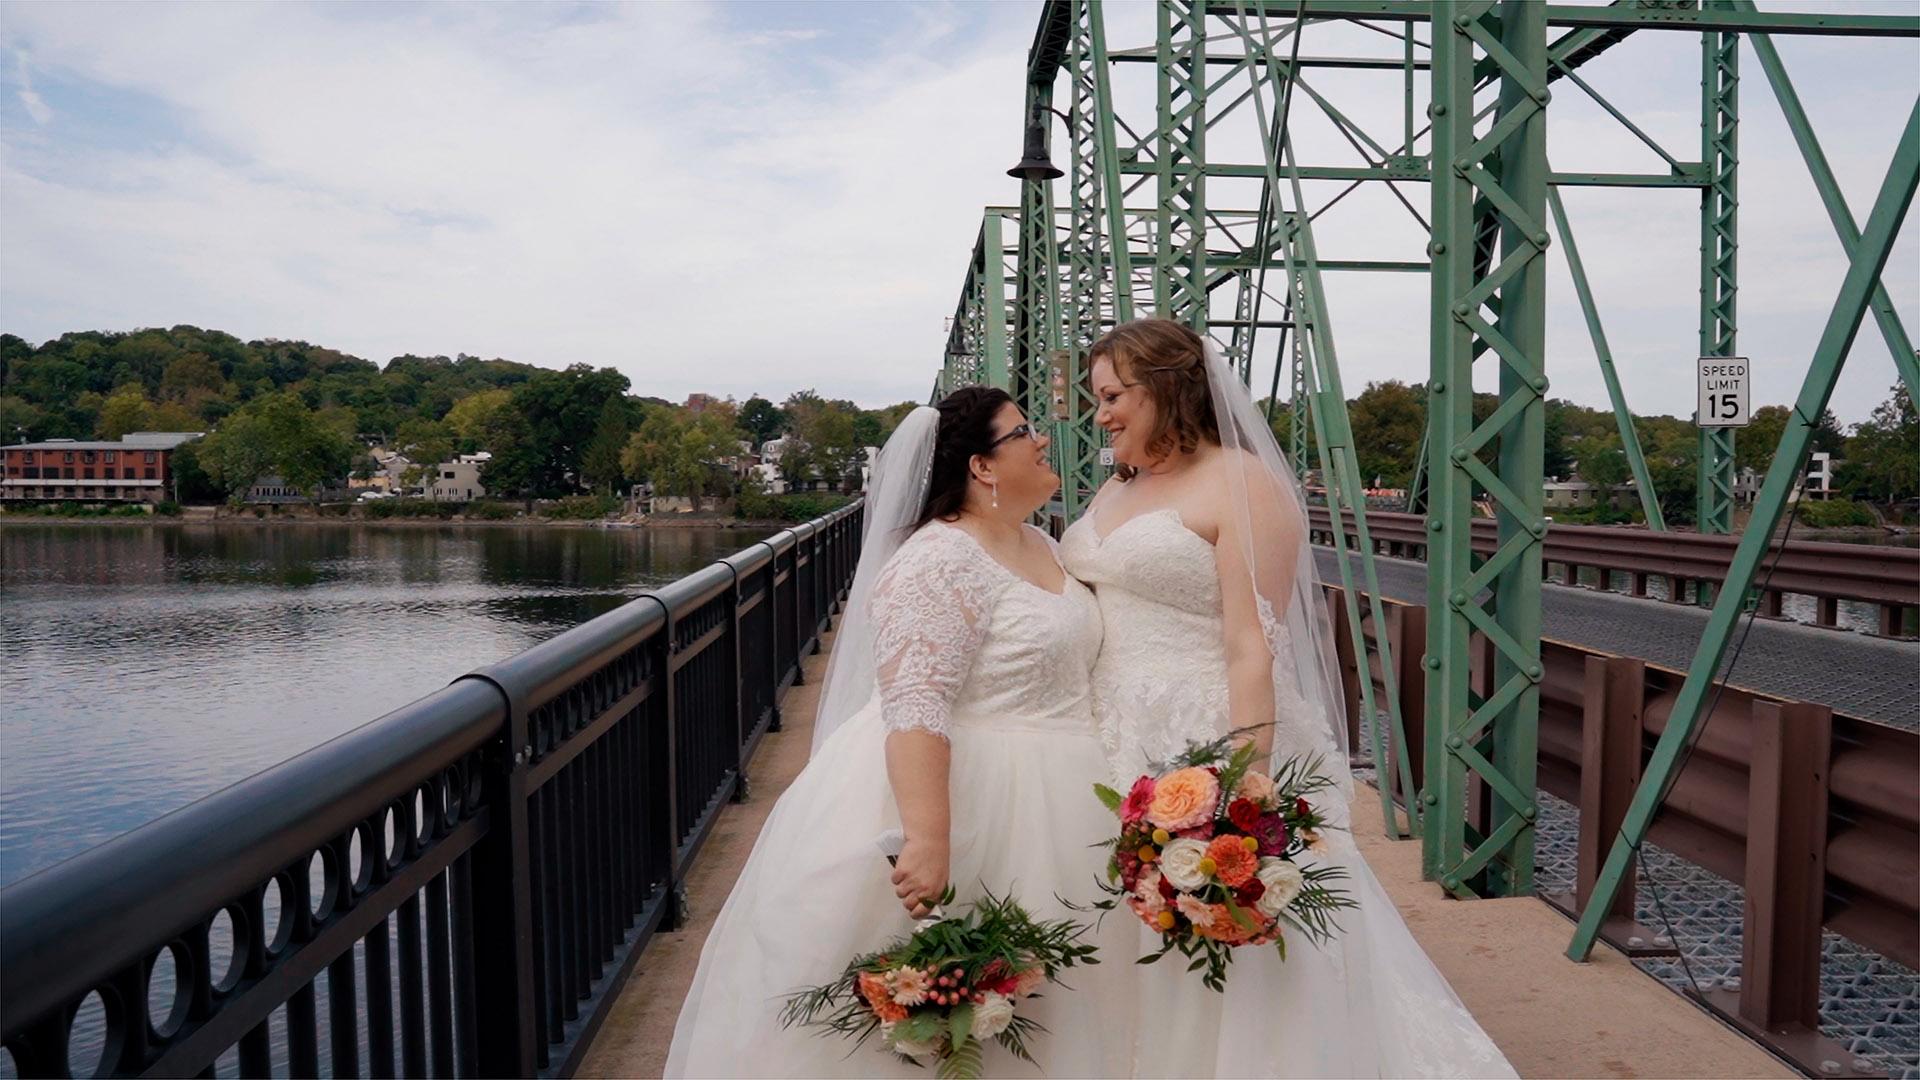 Flo + Dana | Lambertville, New Jersey | Lambertville Inn-Riverside Ballroom